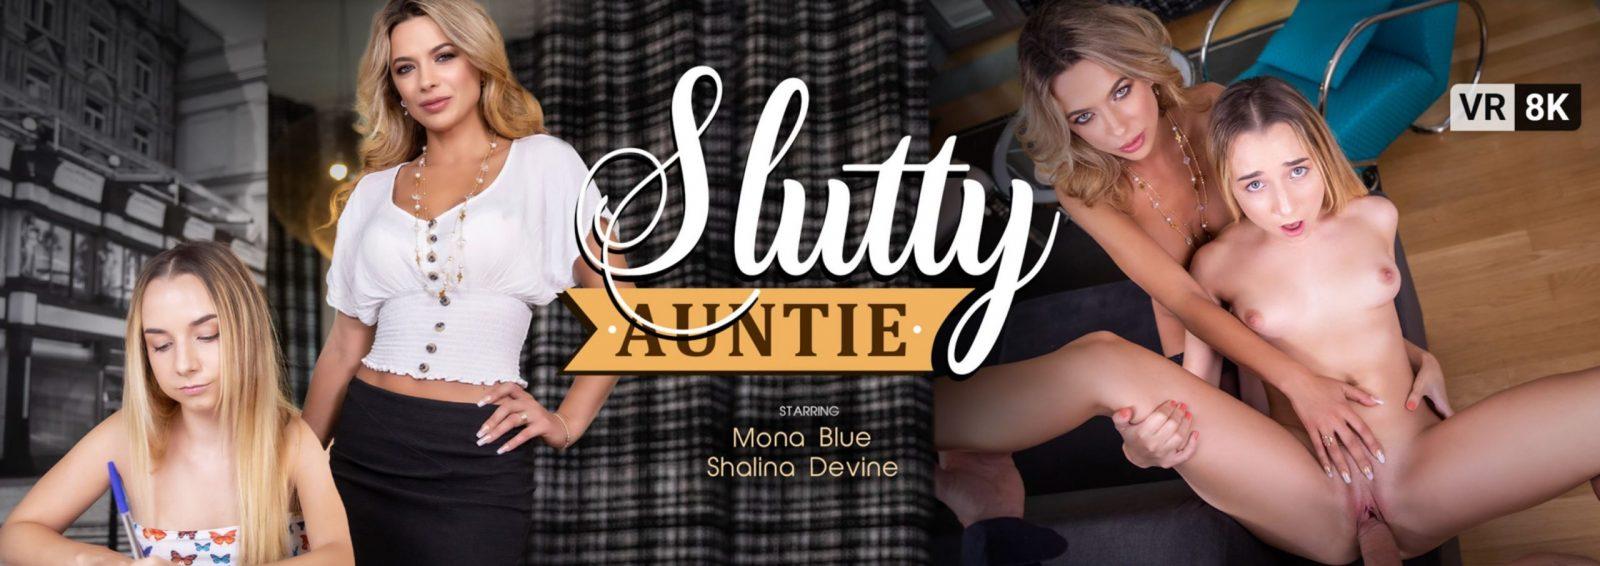 VR Bangers - Slutty Auntie banner